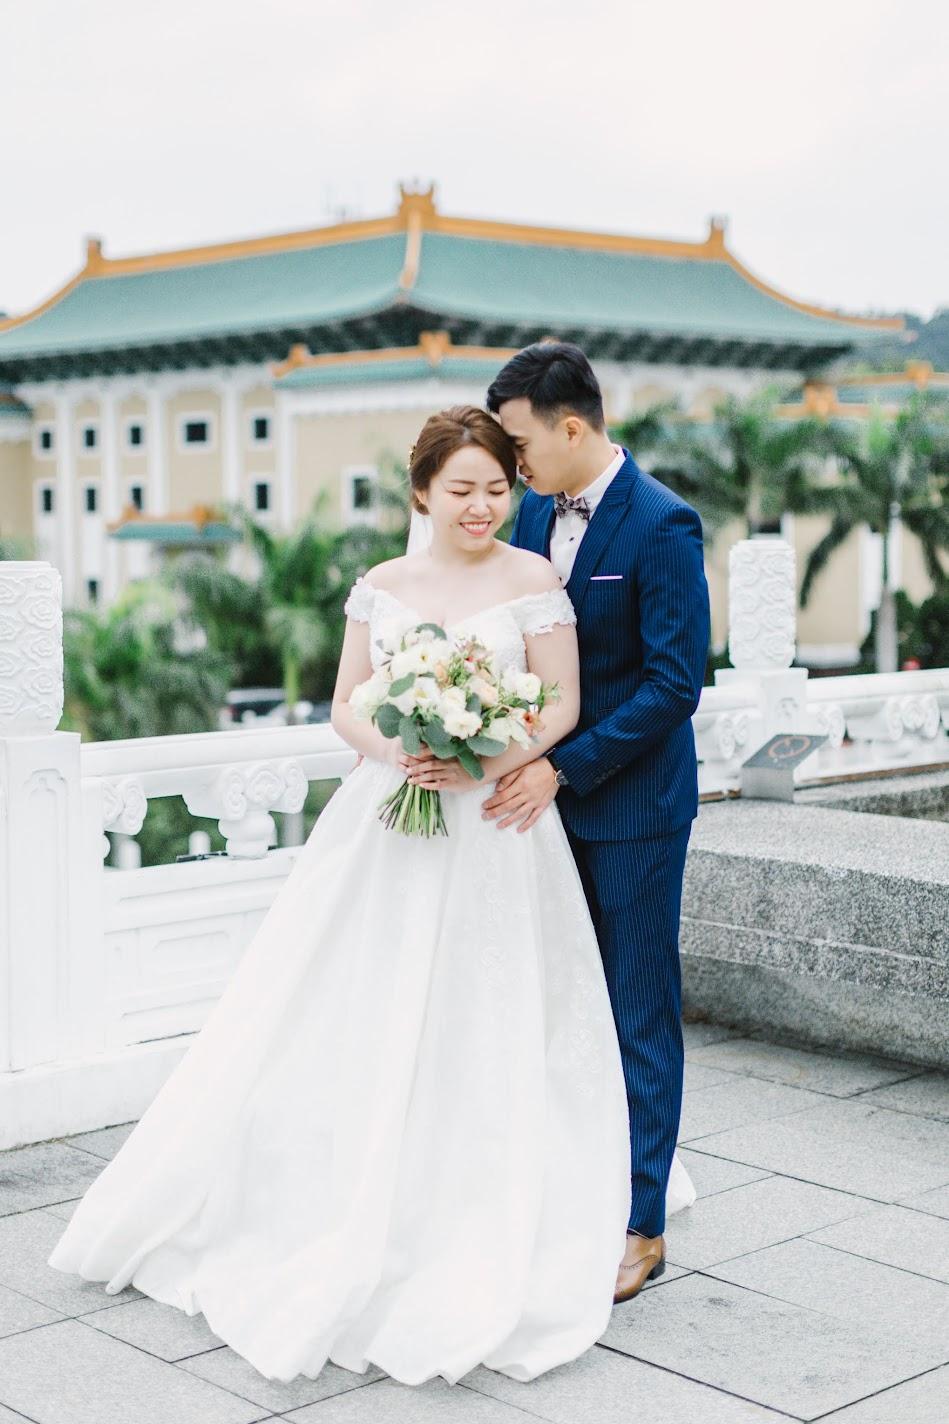 undefined在 台北 的 故宮晶華 婚宴 場地舉行陽光正好的美式 婚禮 , 是每位新娘夢寐以求的西式婚禮樣式!